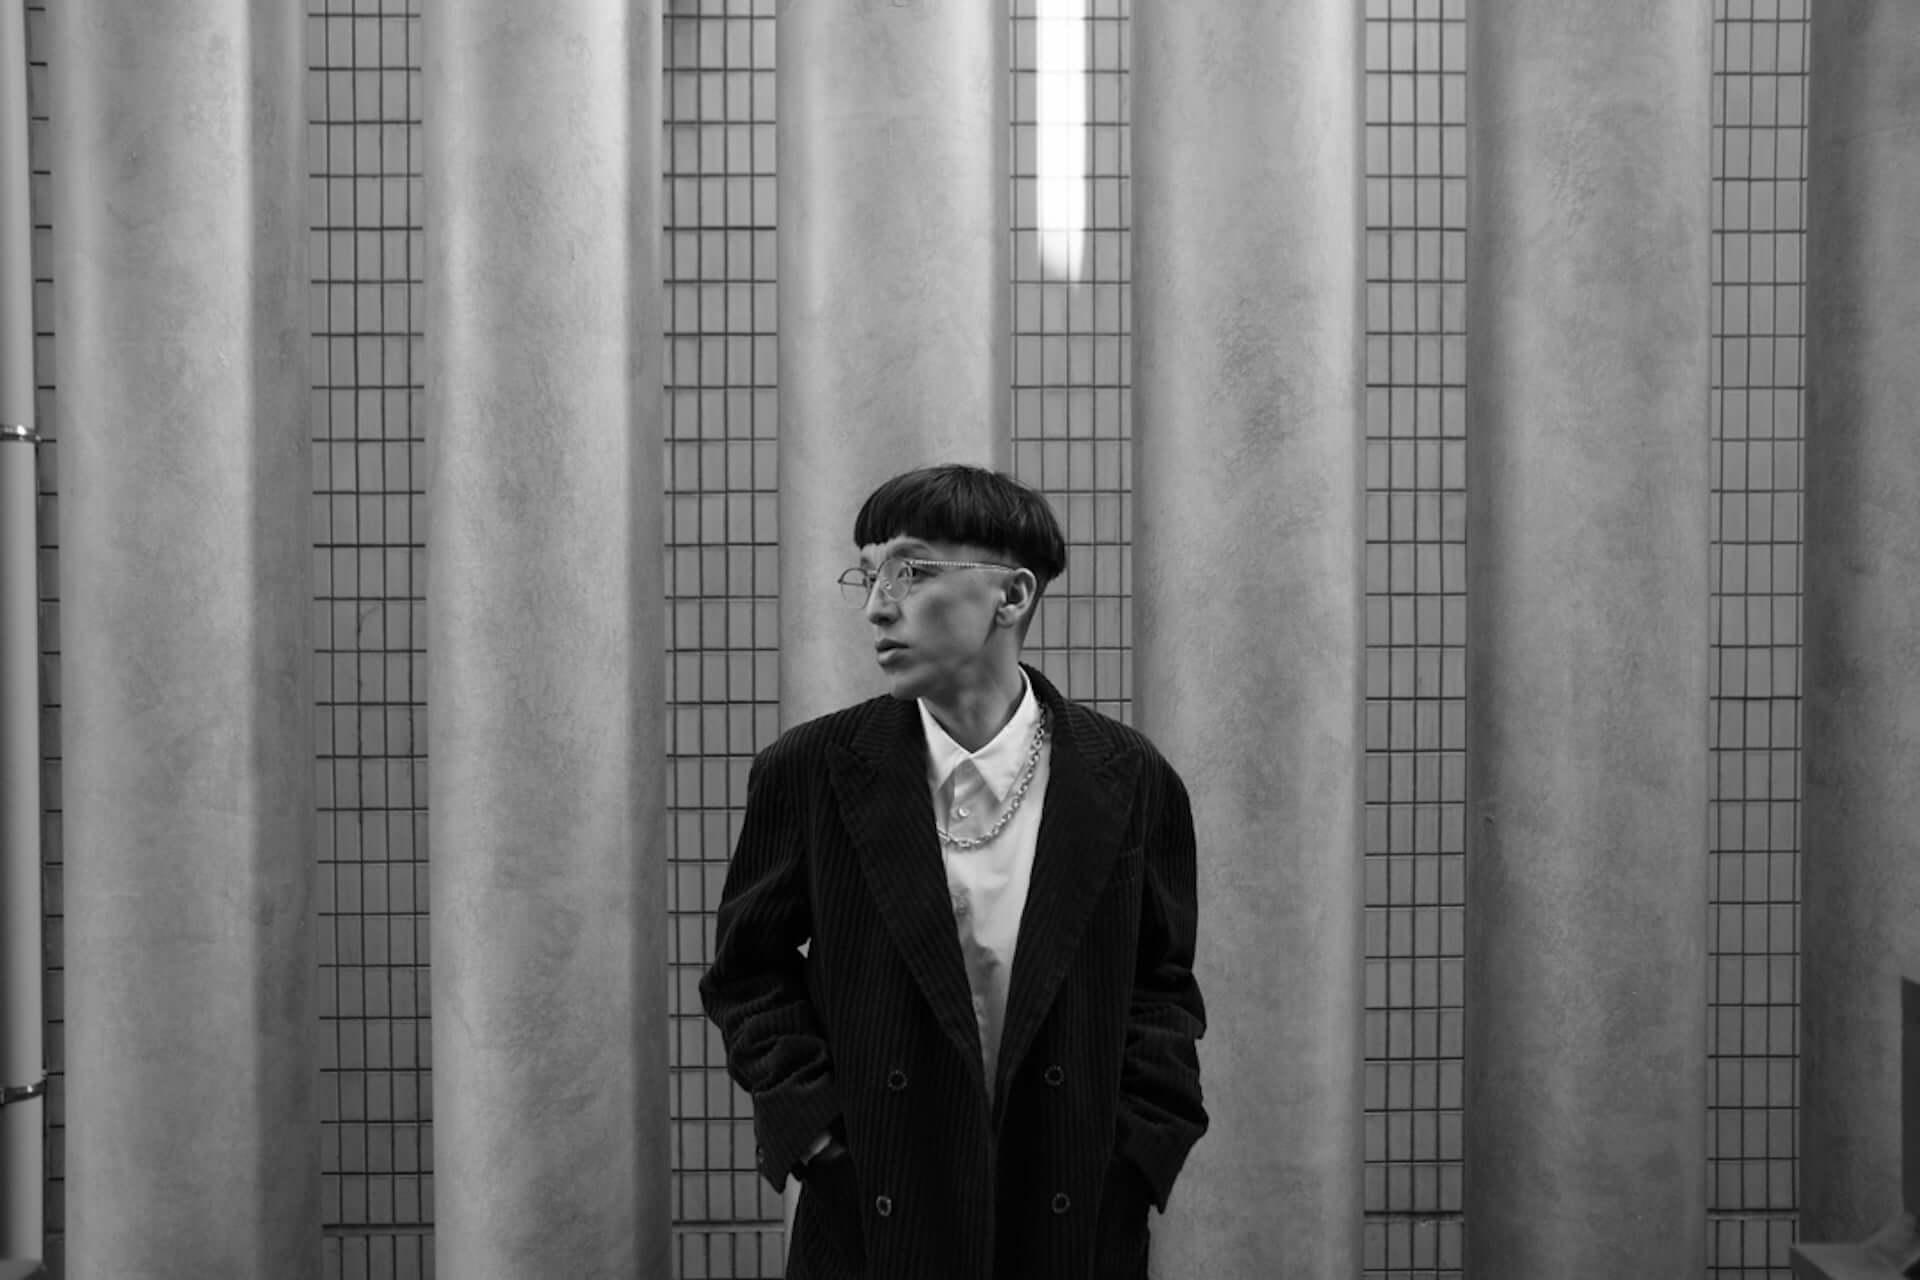 Shin Sakiuraが10月にBASI、11月にKuroを迎えた新曲をリリース決定!両楽曲を収録した7インチレコードも展開 music200915_shinsakiura-3-1920x1280